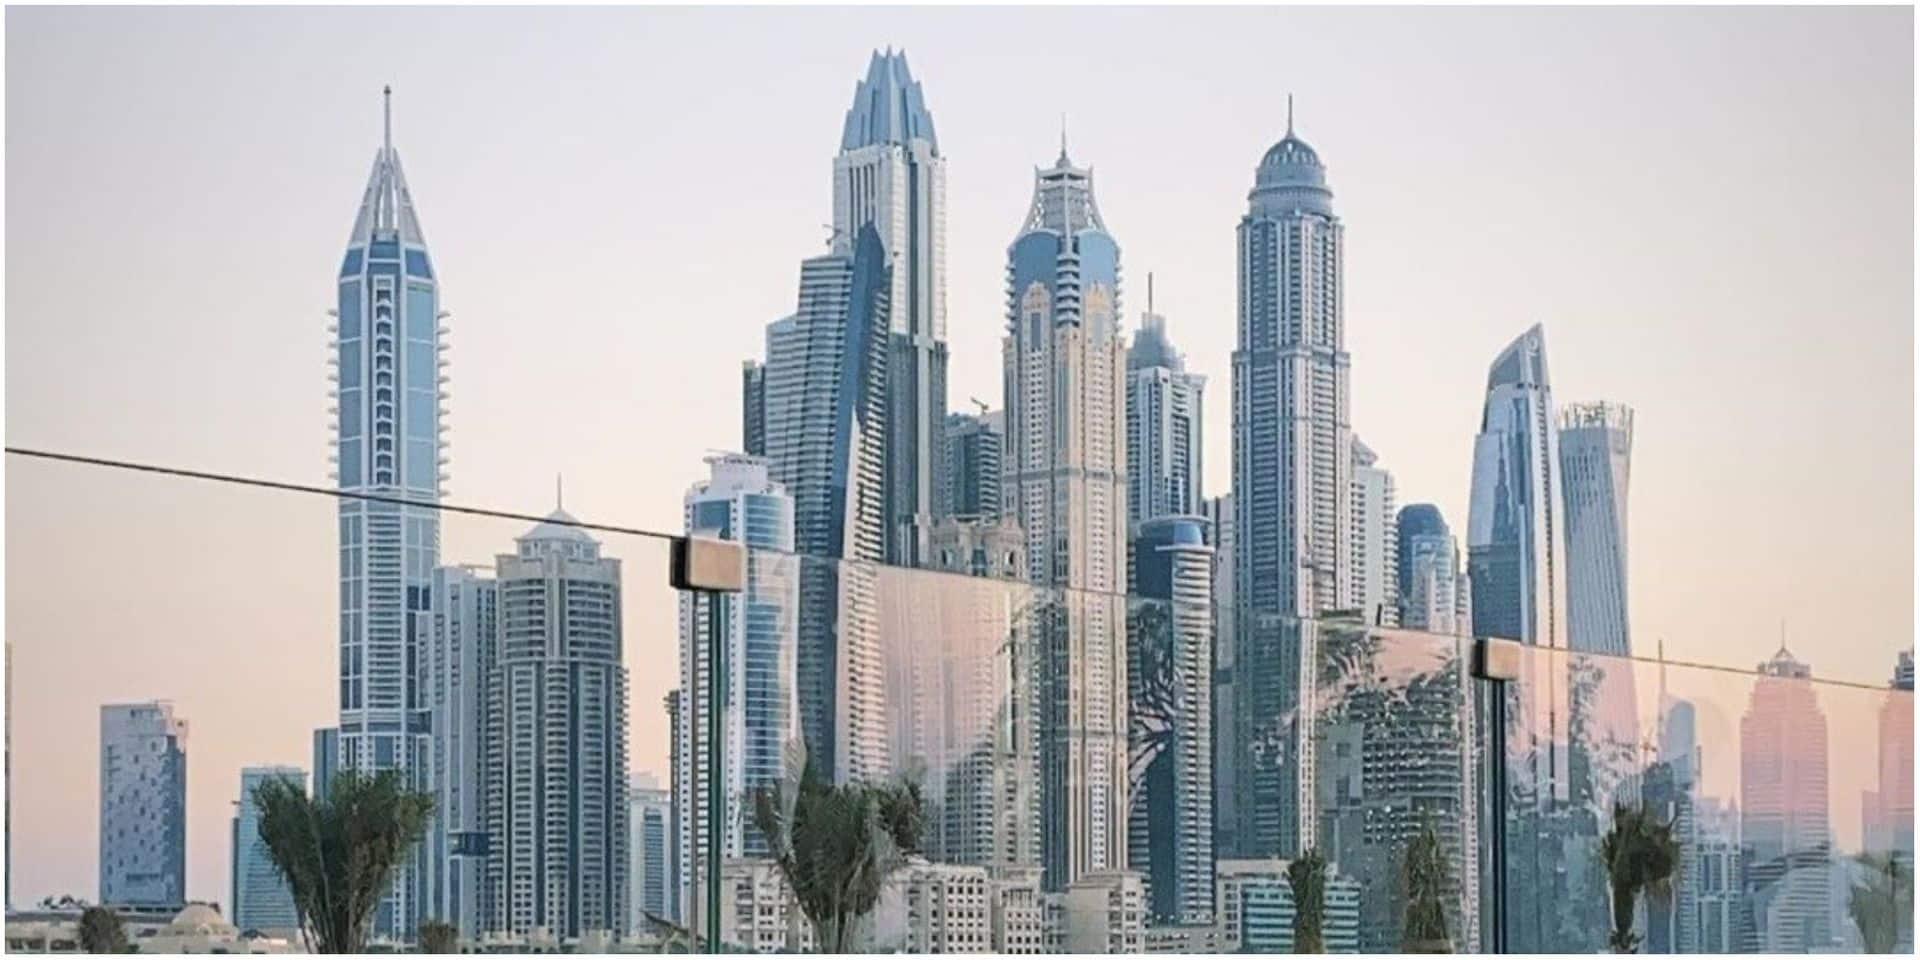 Dubaï, destination privilégiée des footballeurs de notre championnat pour leurs vacances